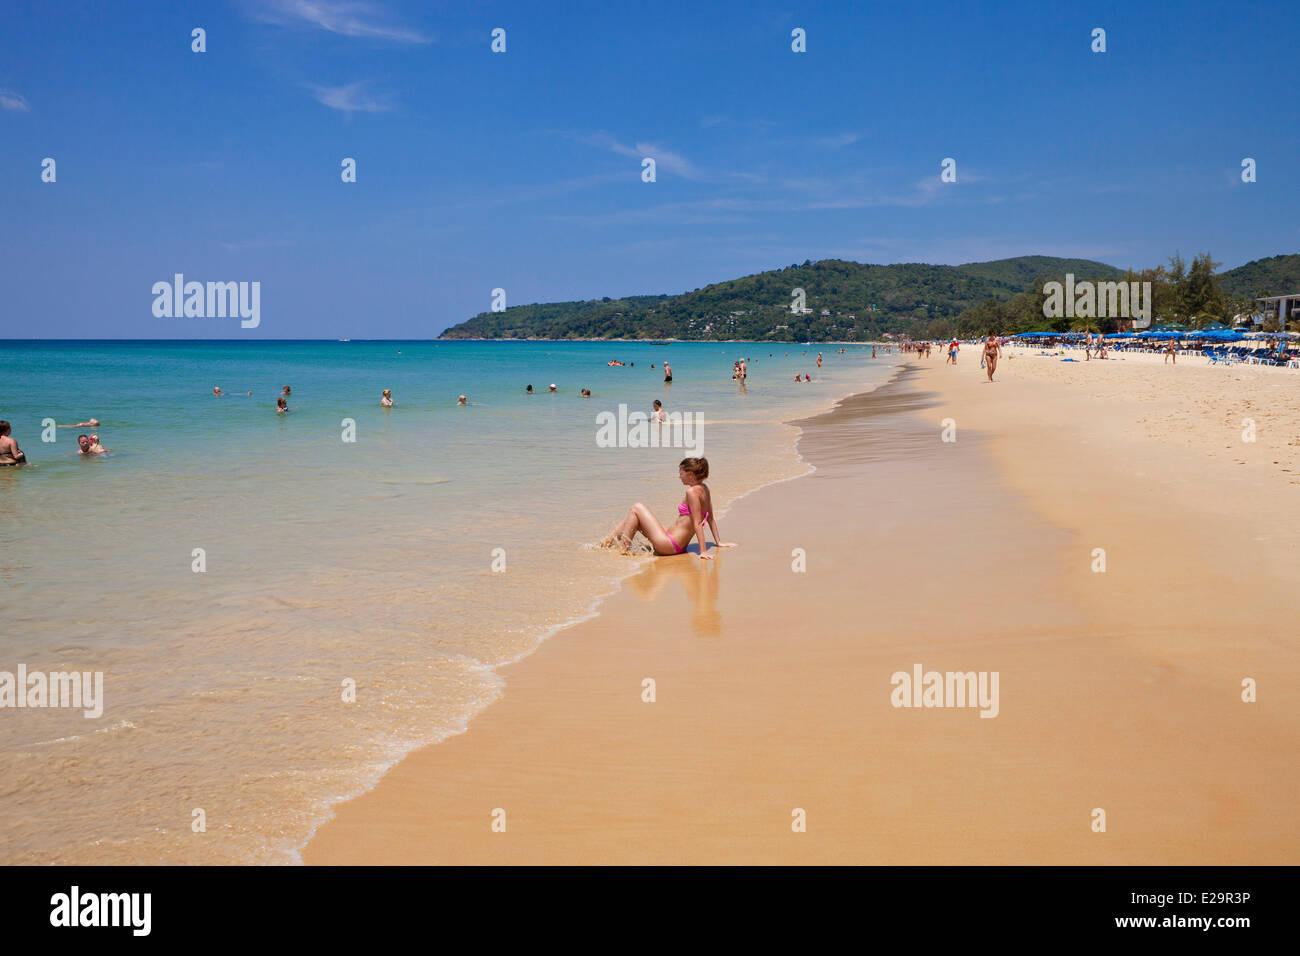 Thailand, Phuket Province, Phuket, the beach of Karon - Stock Image